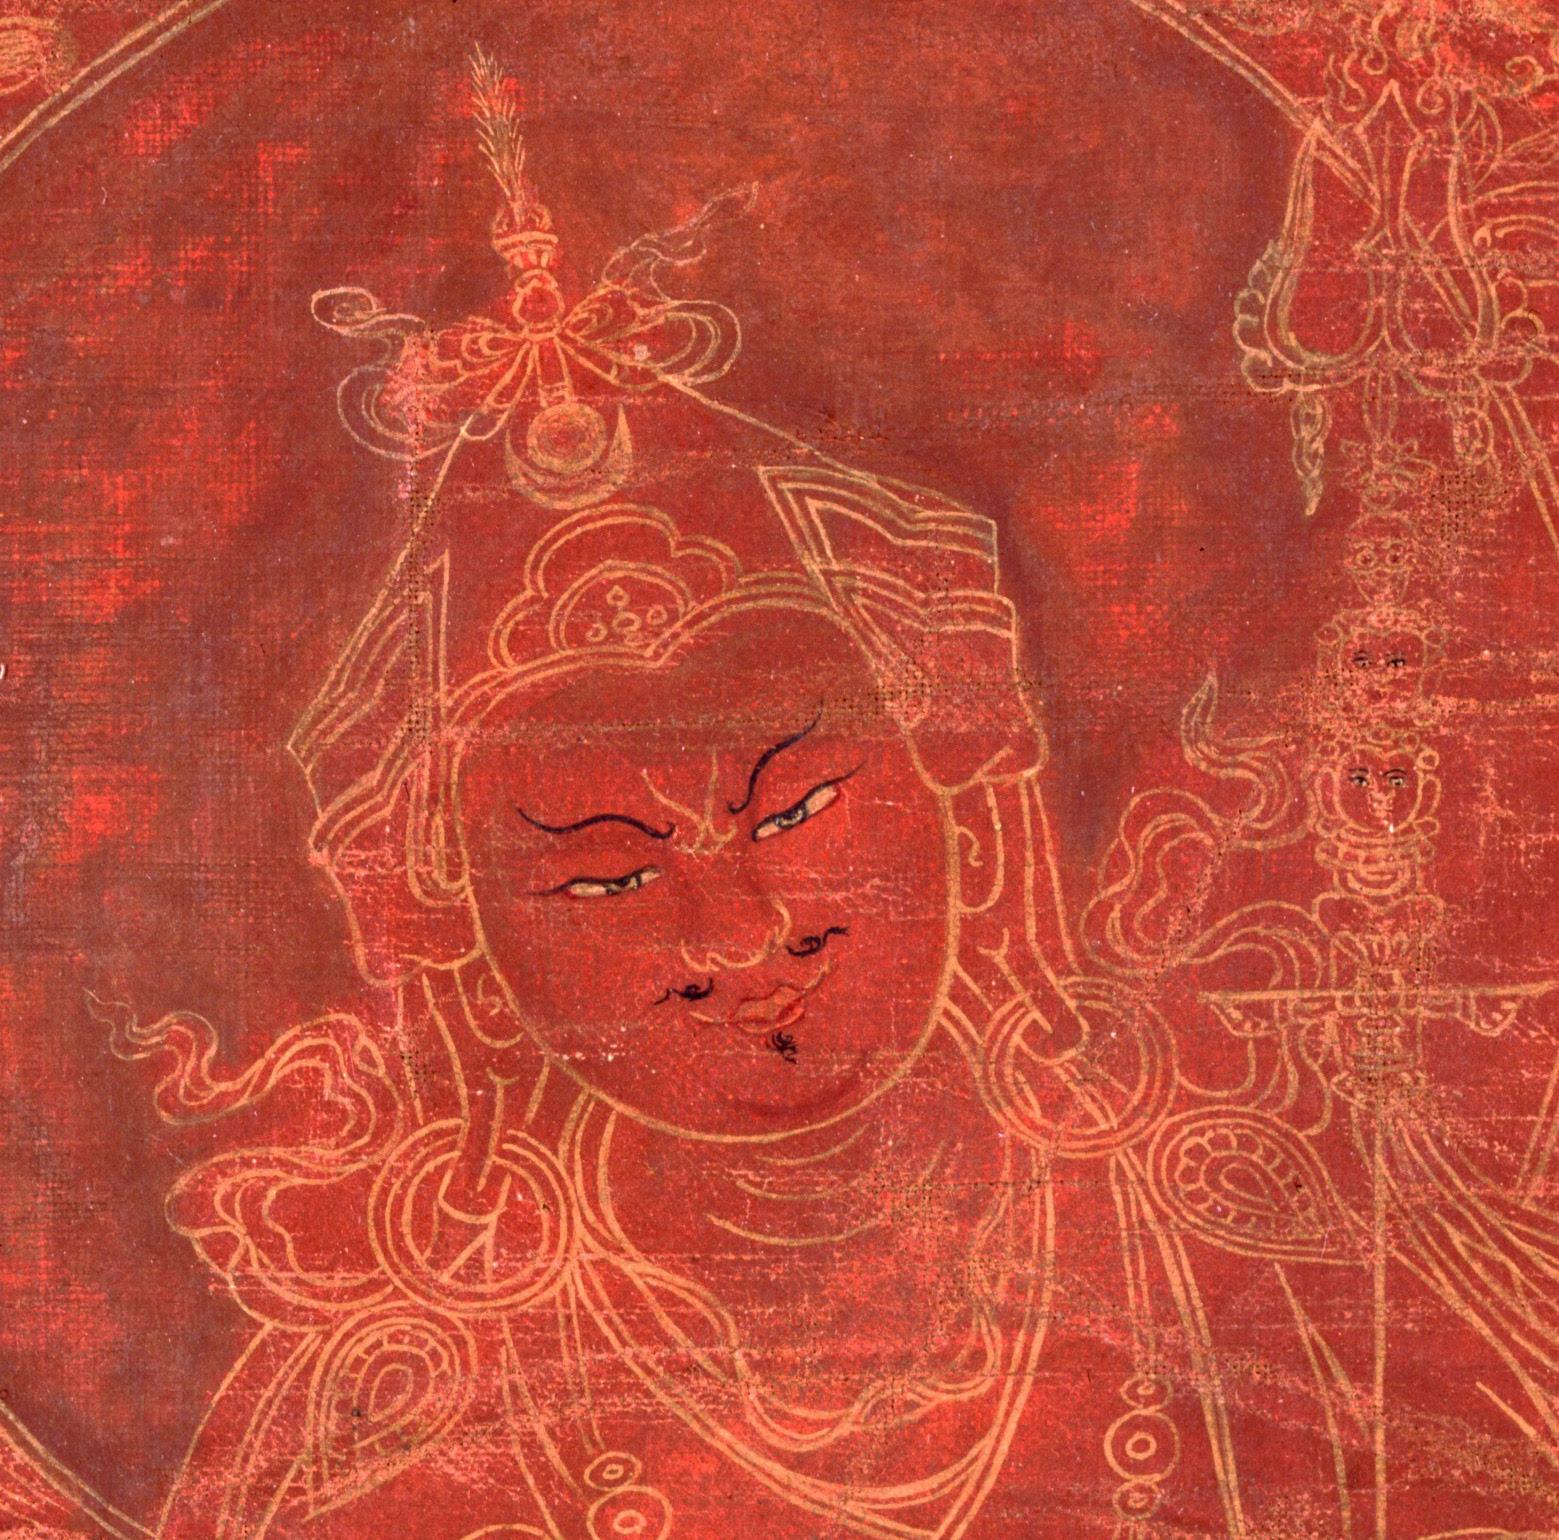 Padmasambhava Face Datail